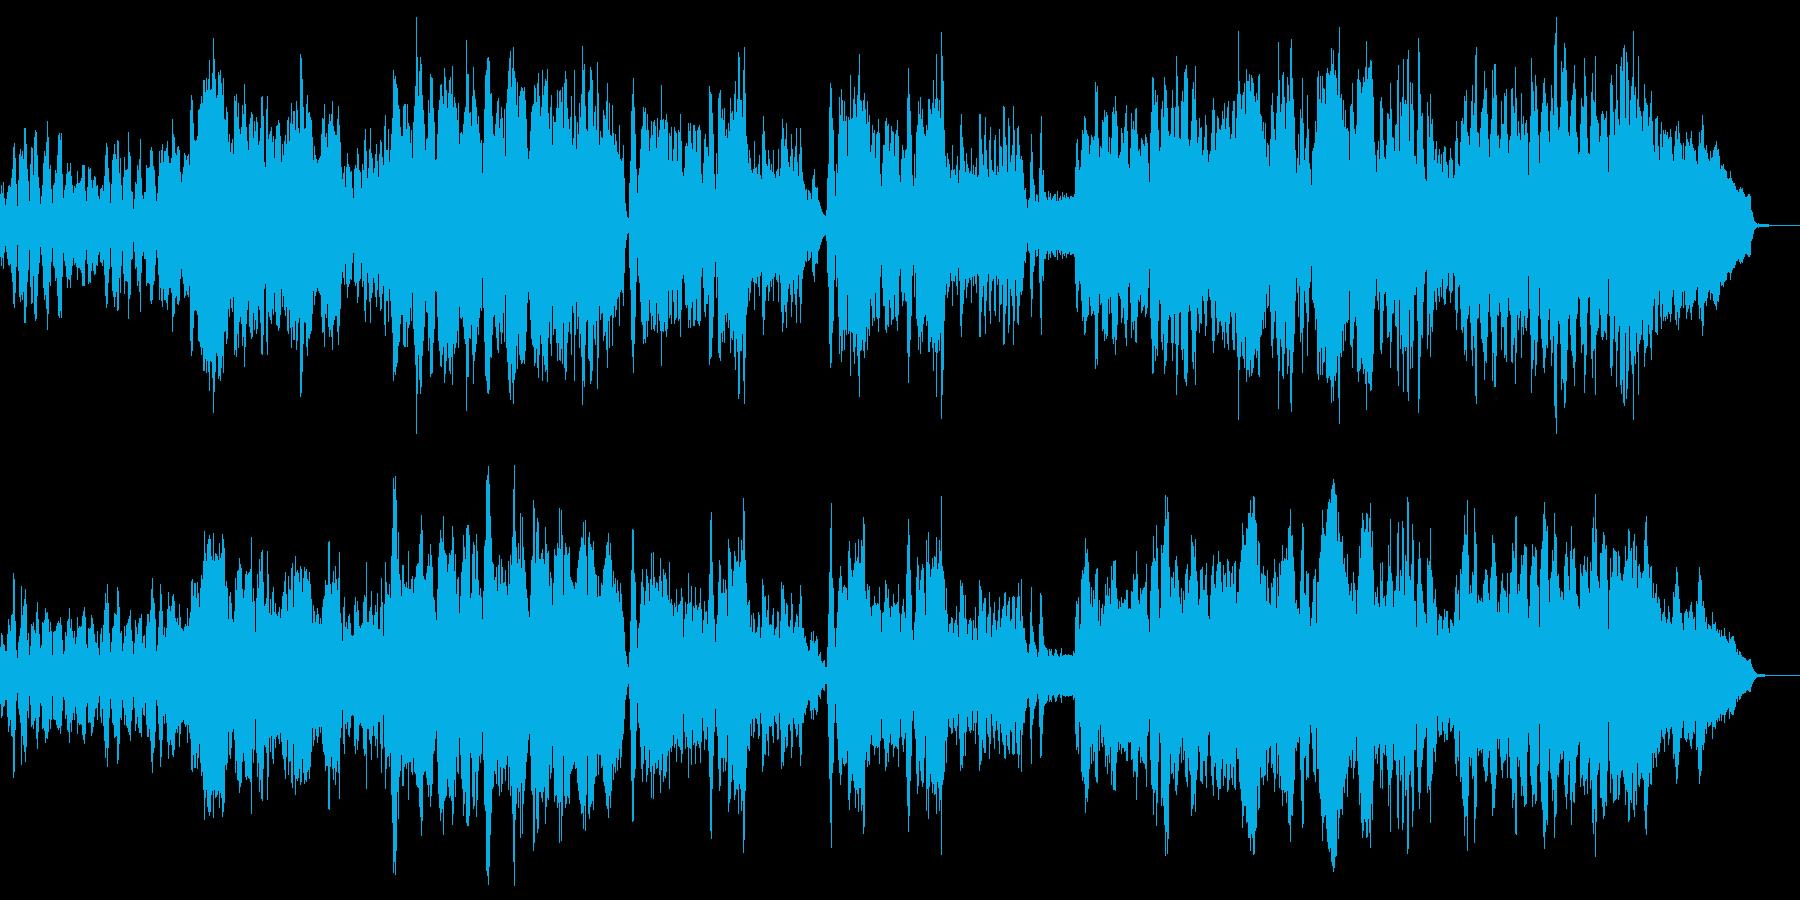 チャイコフスキー四季 11月 トロイカの再生済みの波形